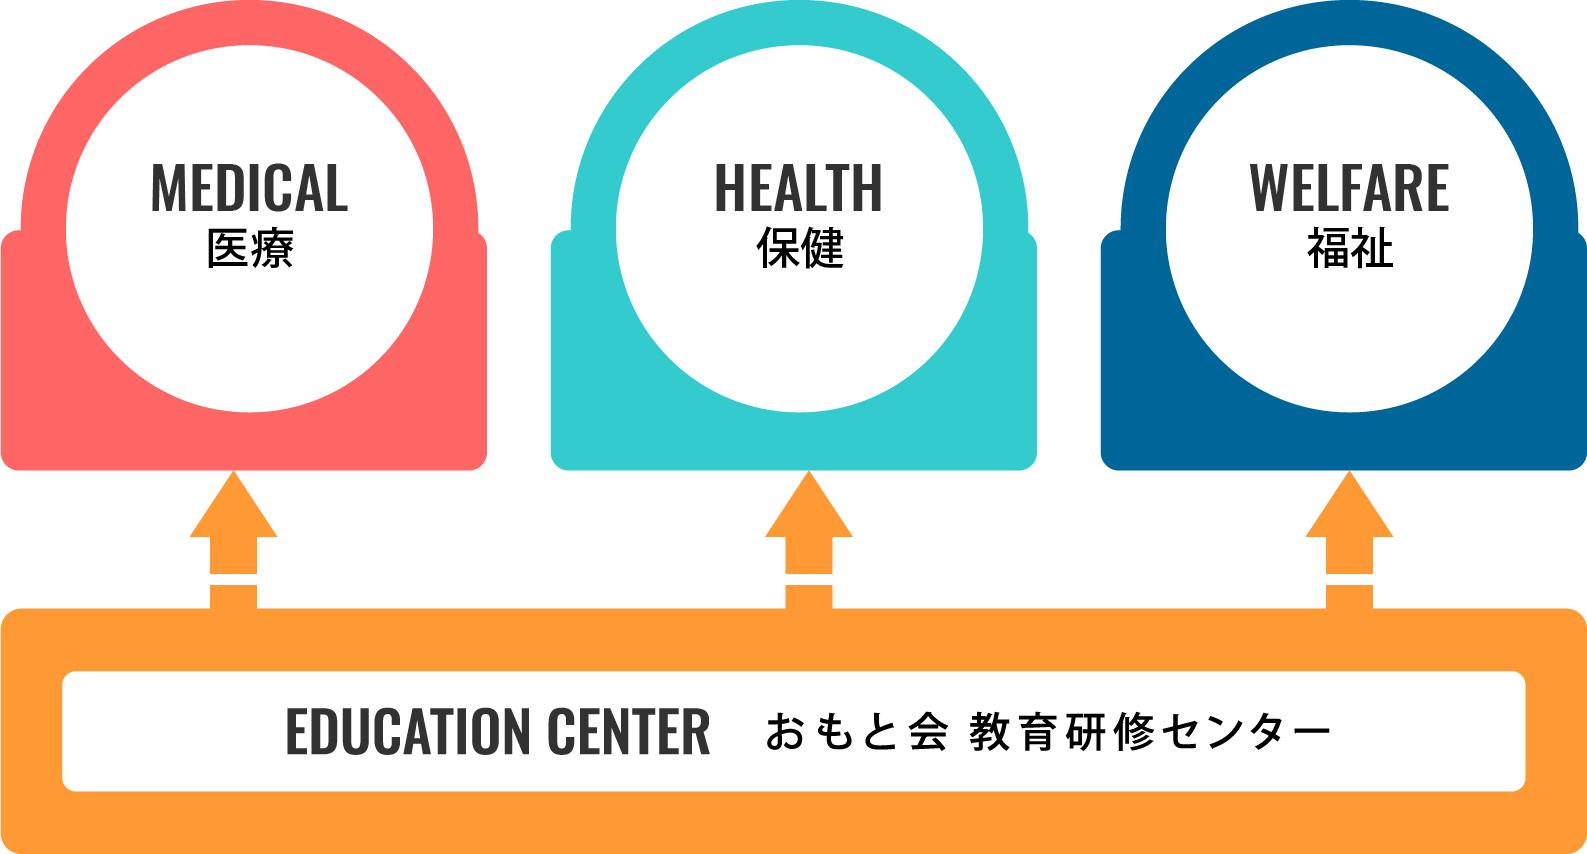 おもと会 教育研修センターの図